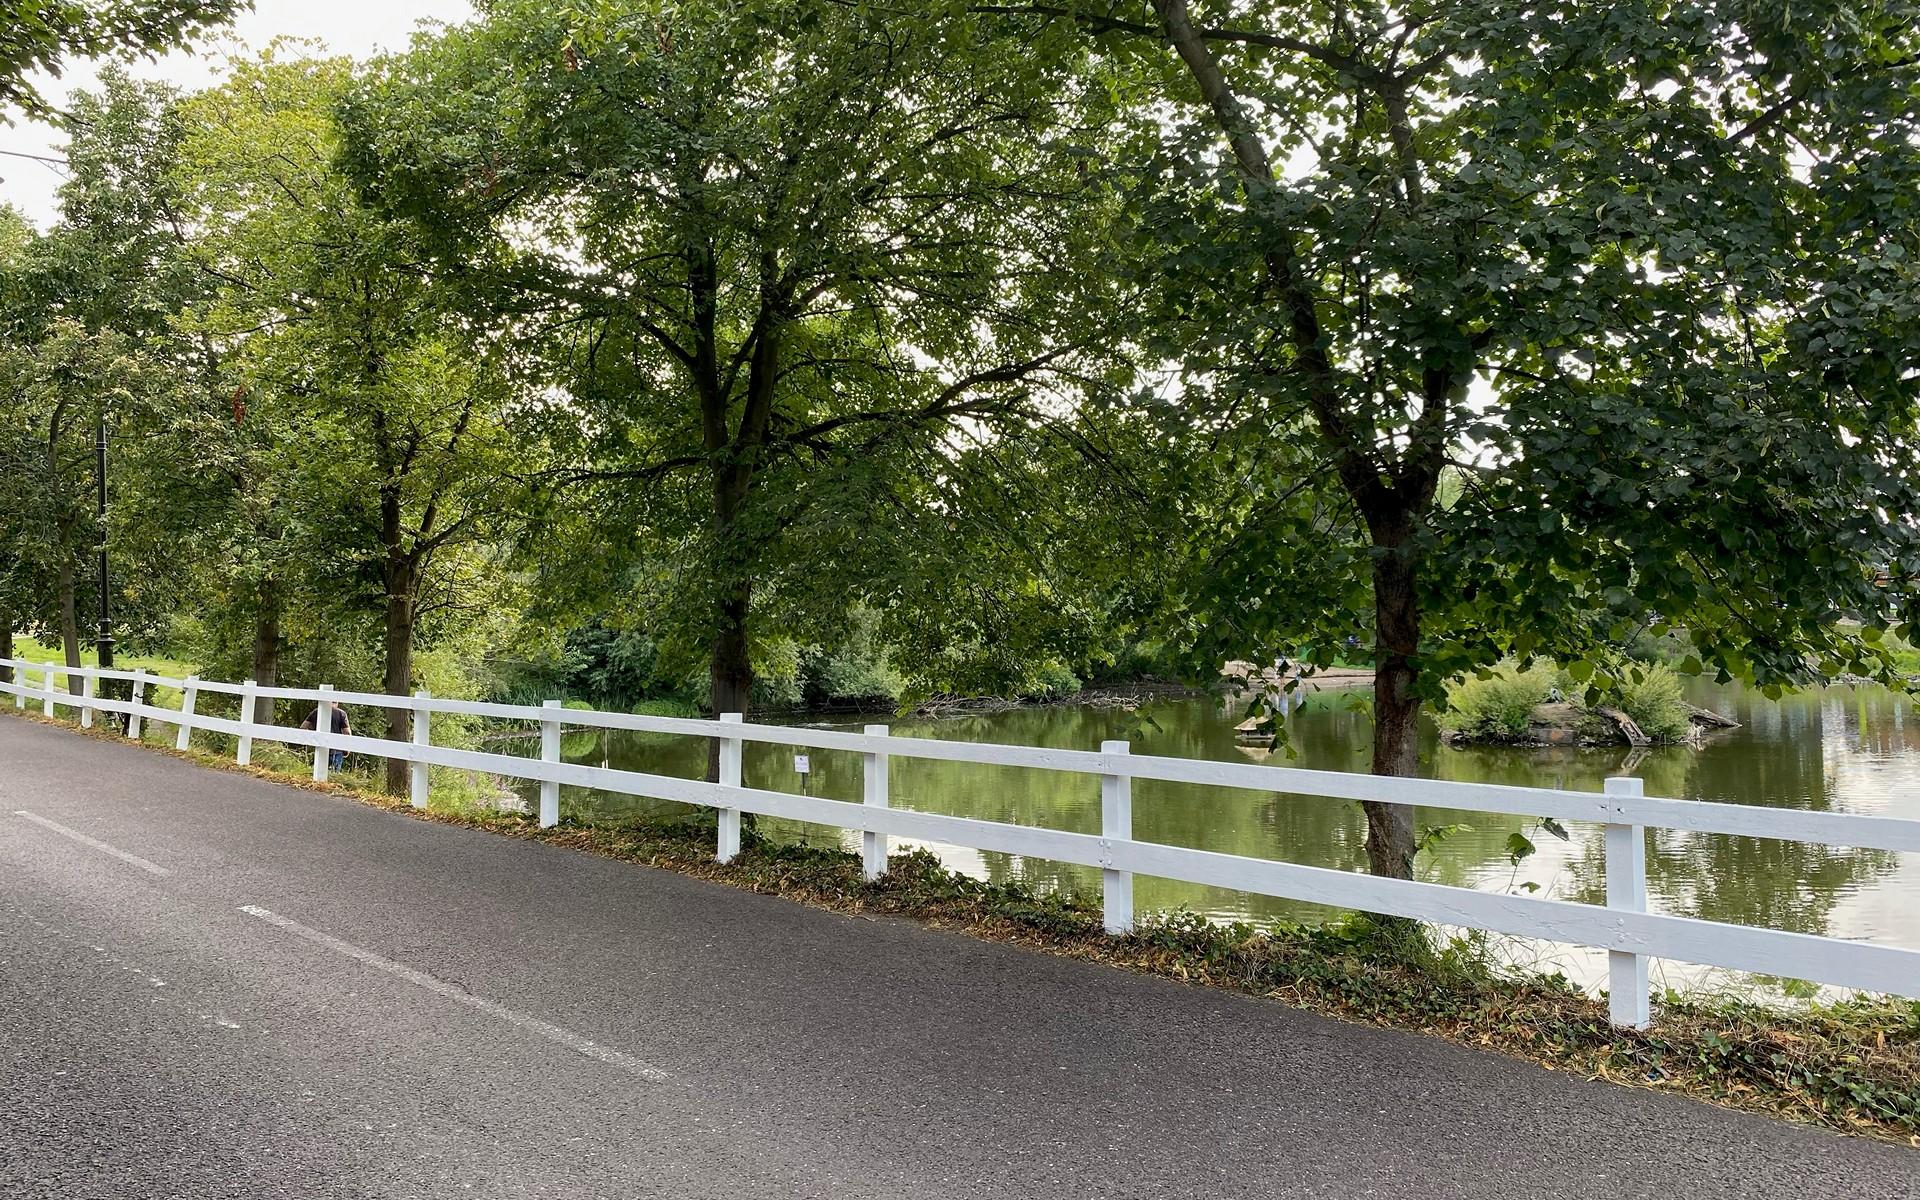 Prickend Pond Chislehurst Village Conservation Area